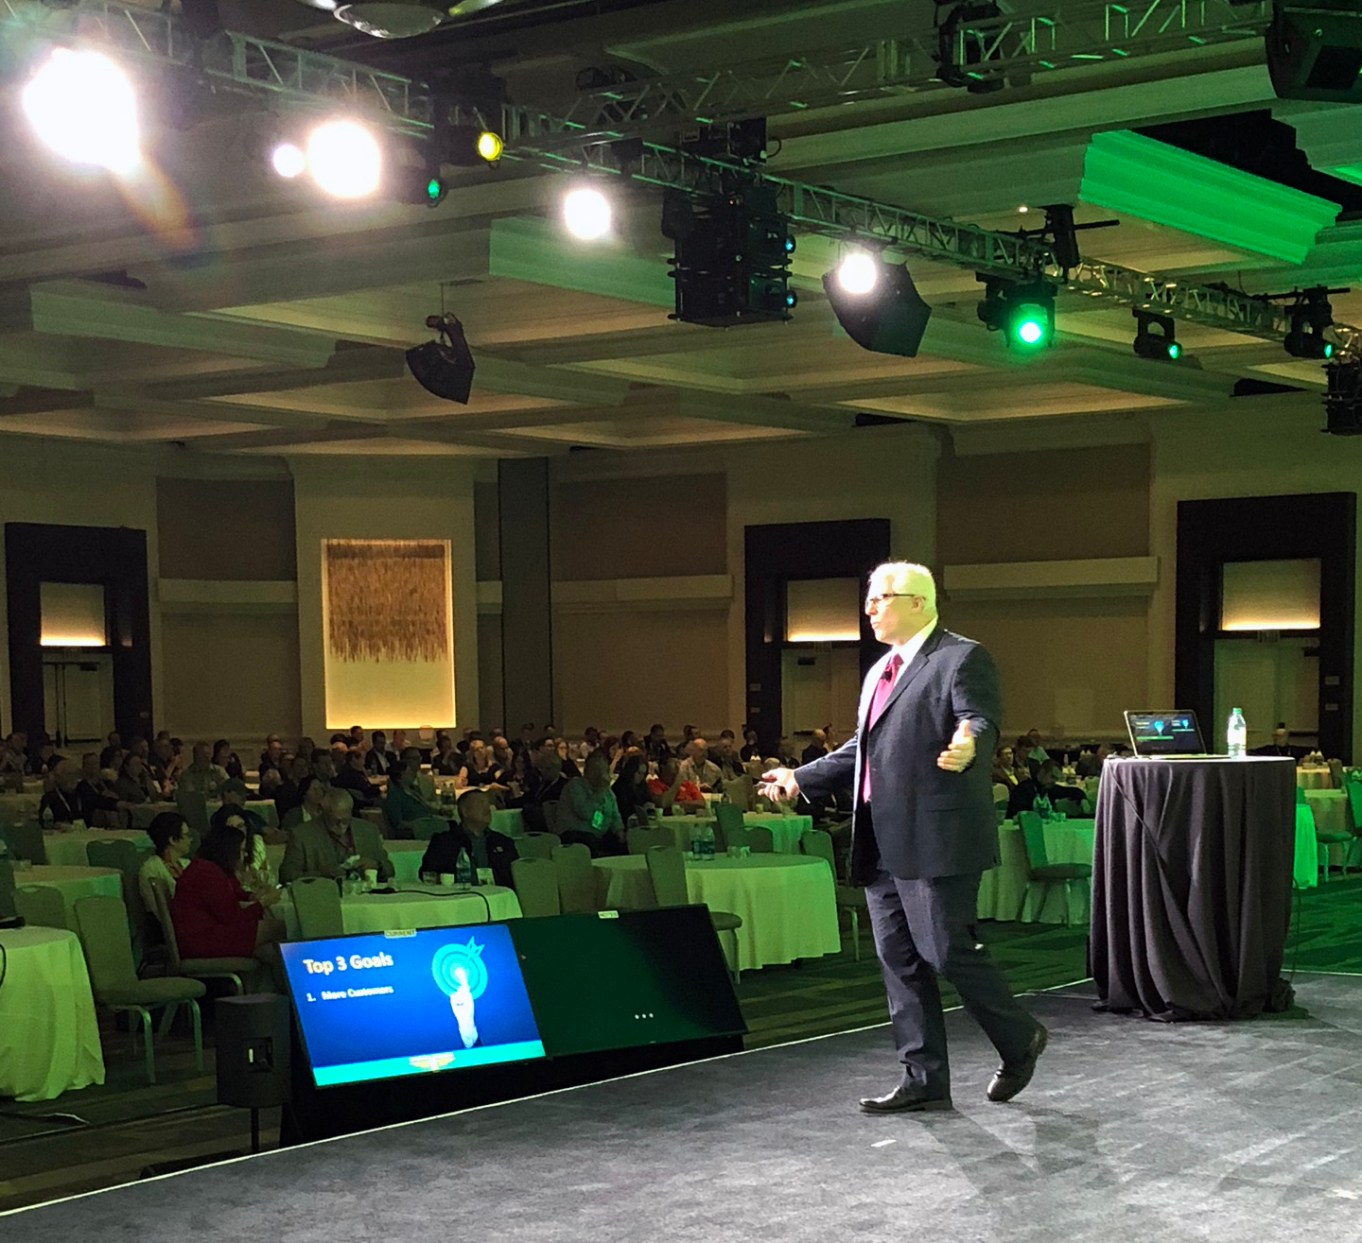 Ford Saeks Franchise Speaker On Stage